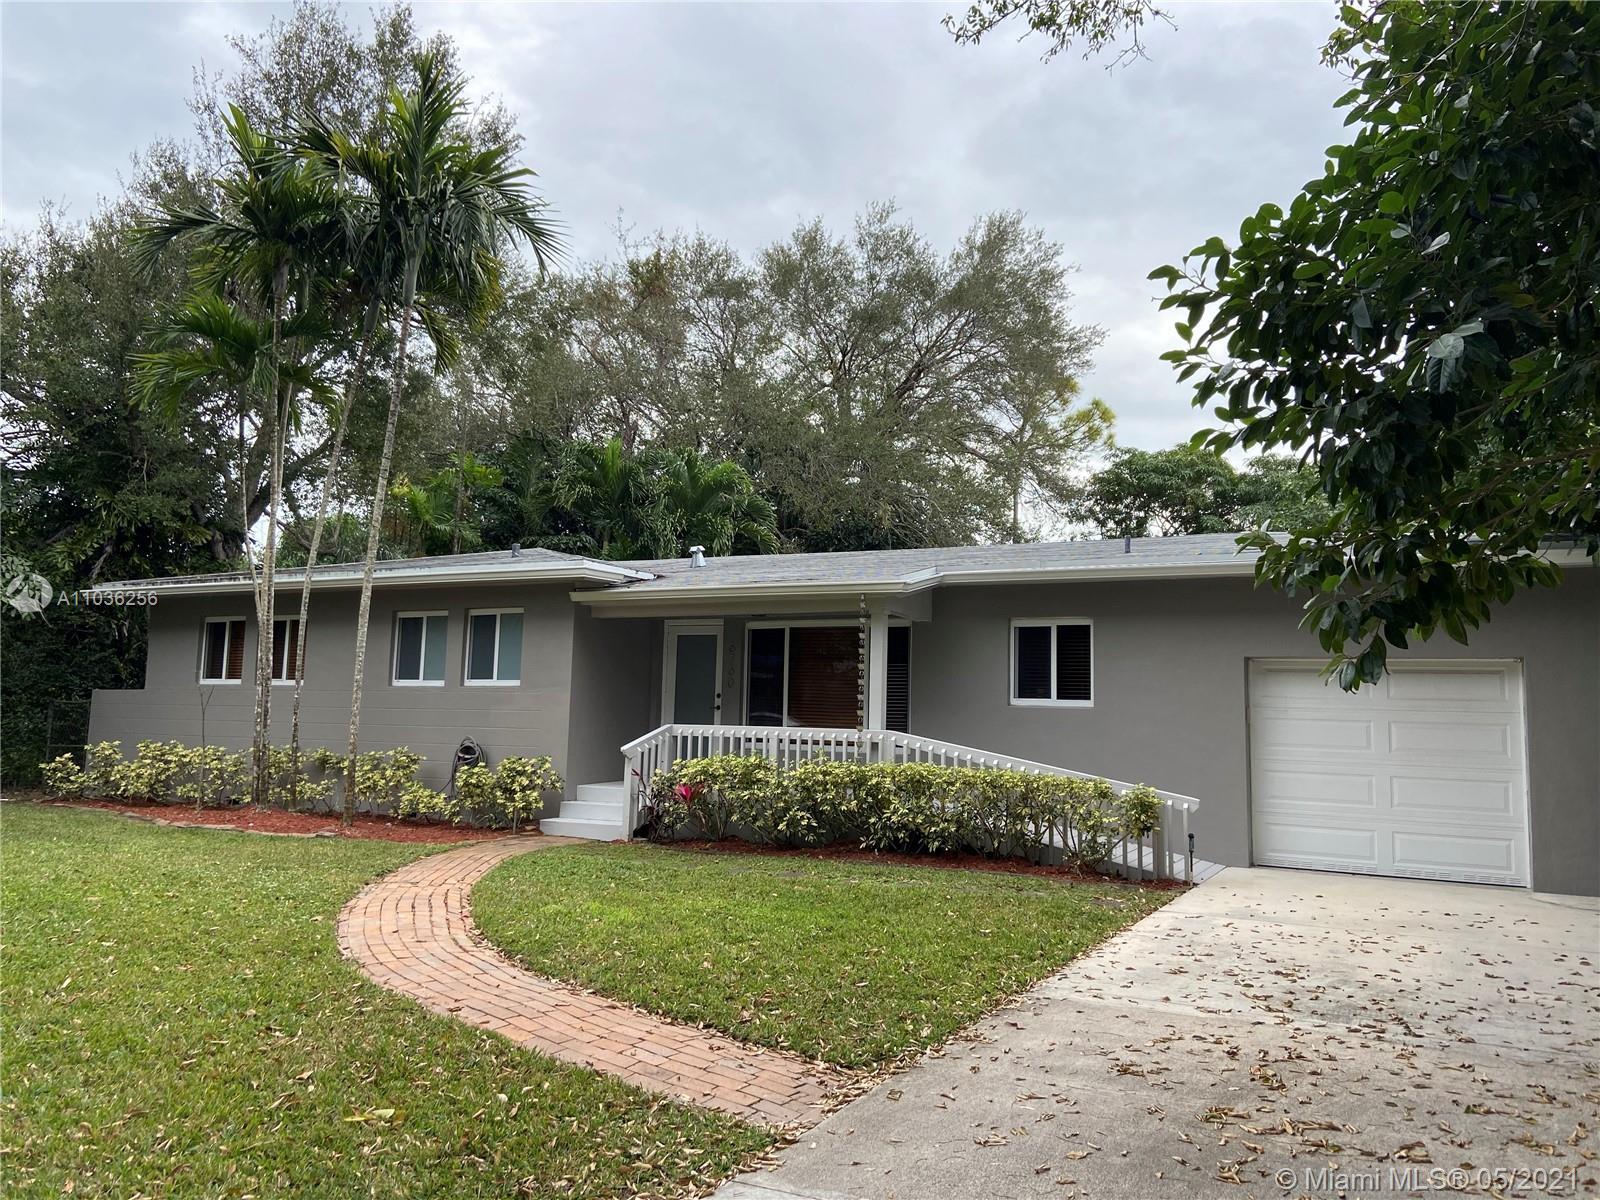 South Miami - 6760 SW 78th Ter, South Miami, FL 33143